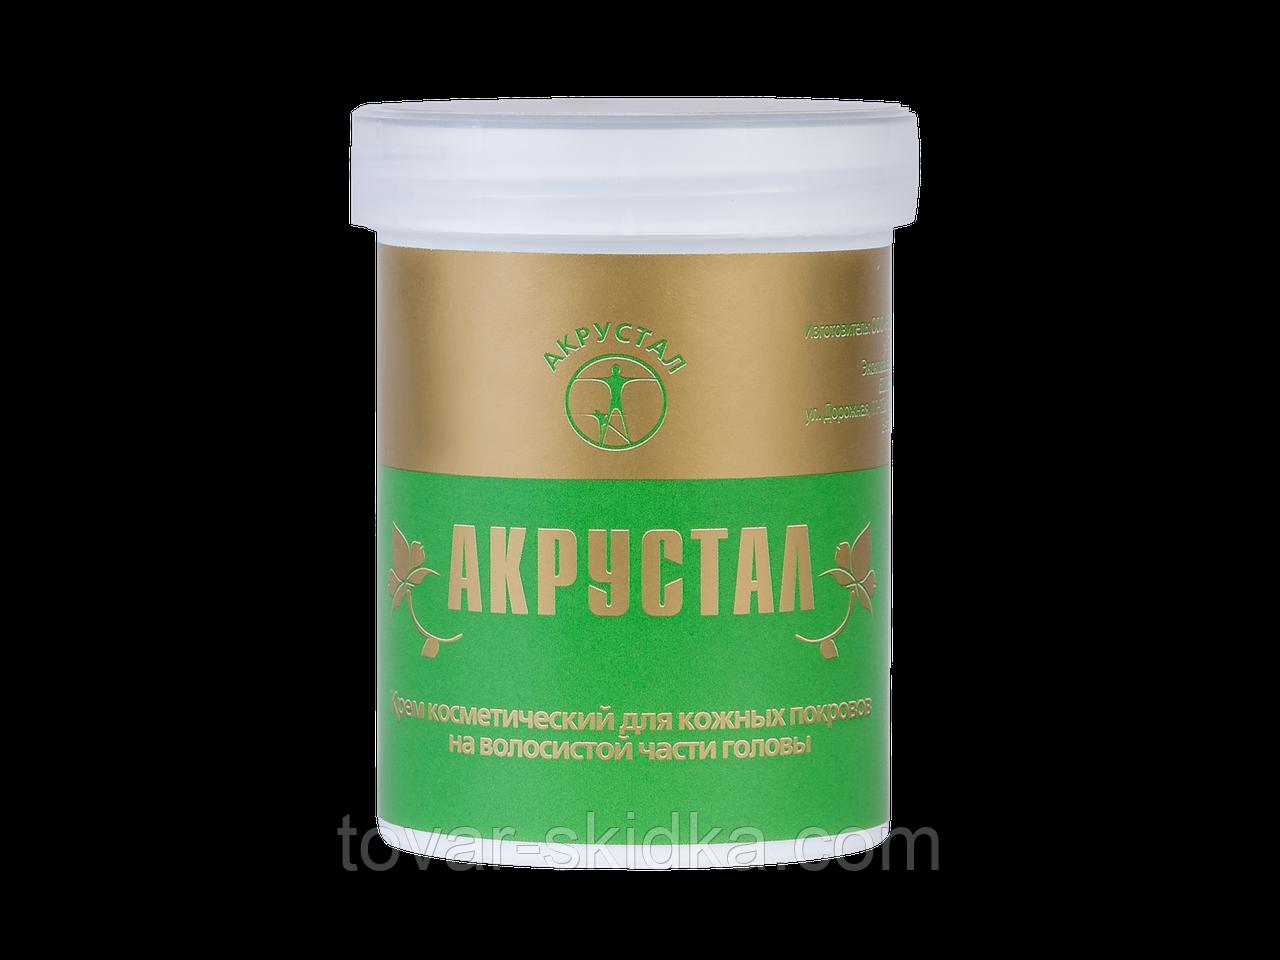 Использование крема акрустал для лечения псориаза